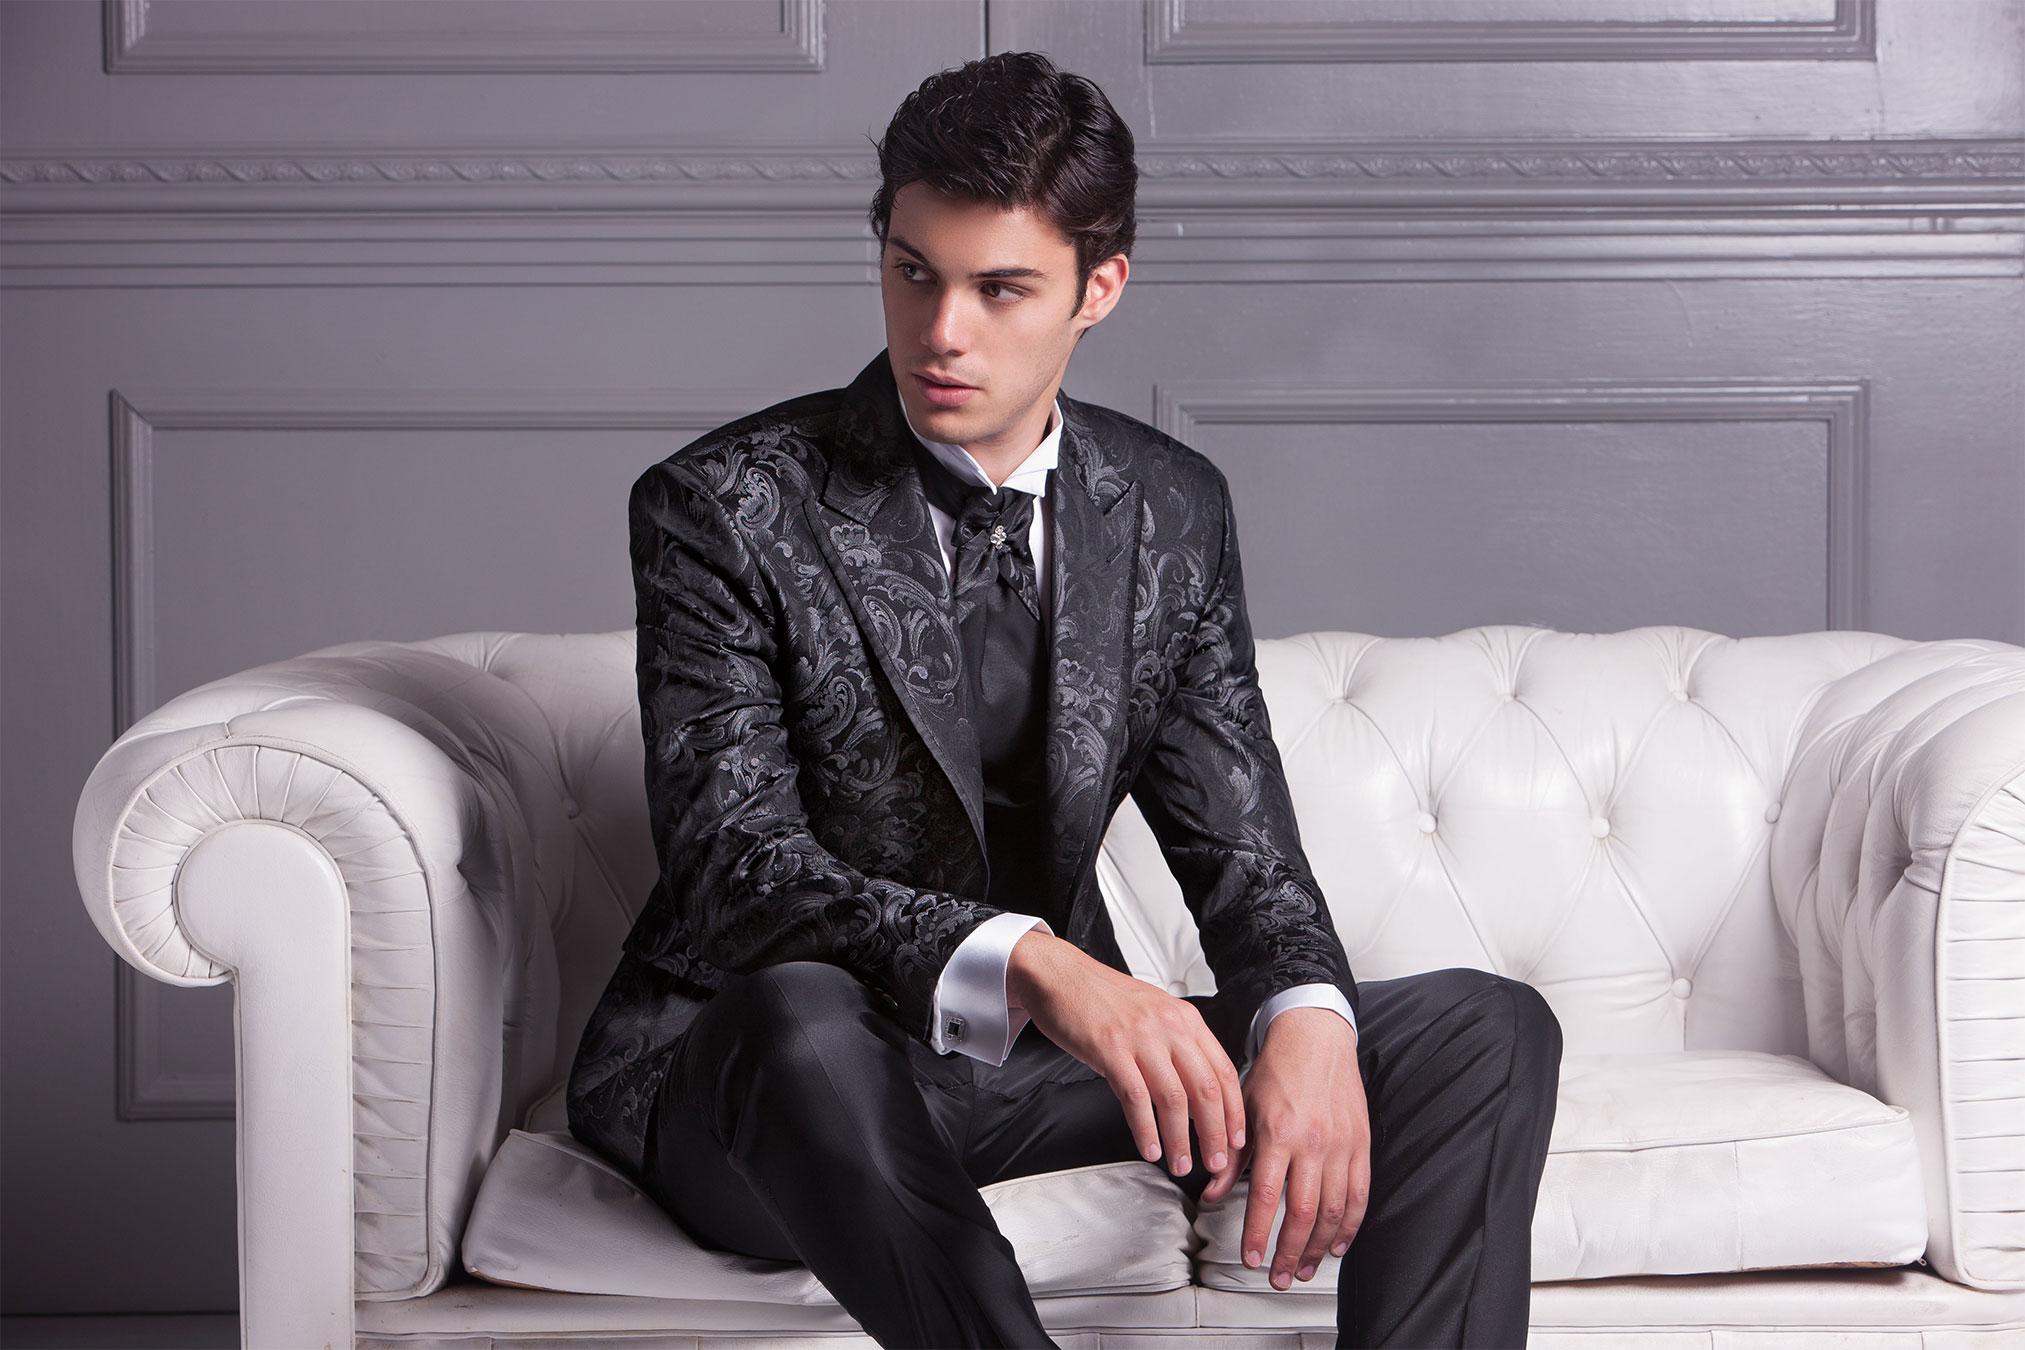 Lo sposo perfetto....questione di stile!! - Moda nozze - Forum ... 65692381d64